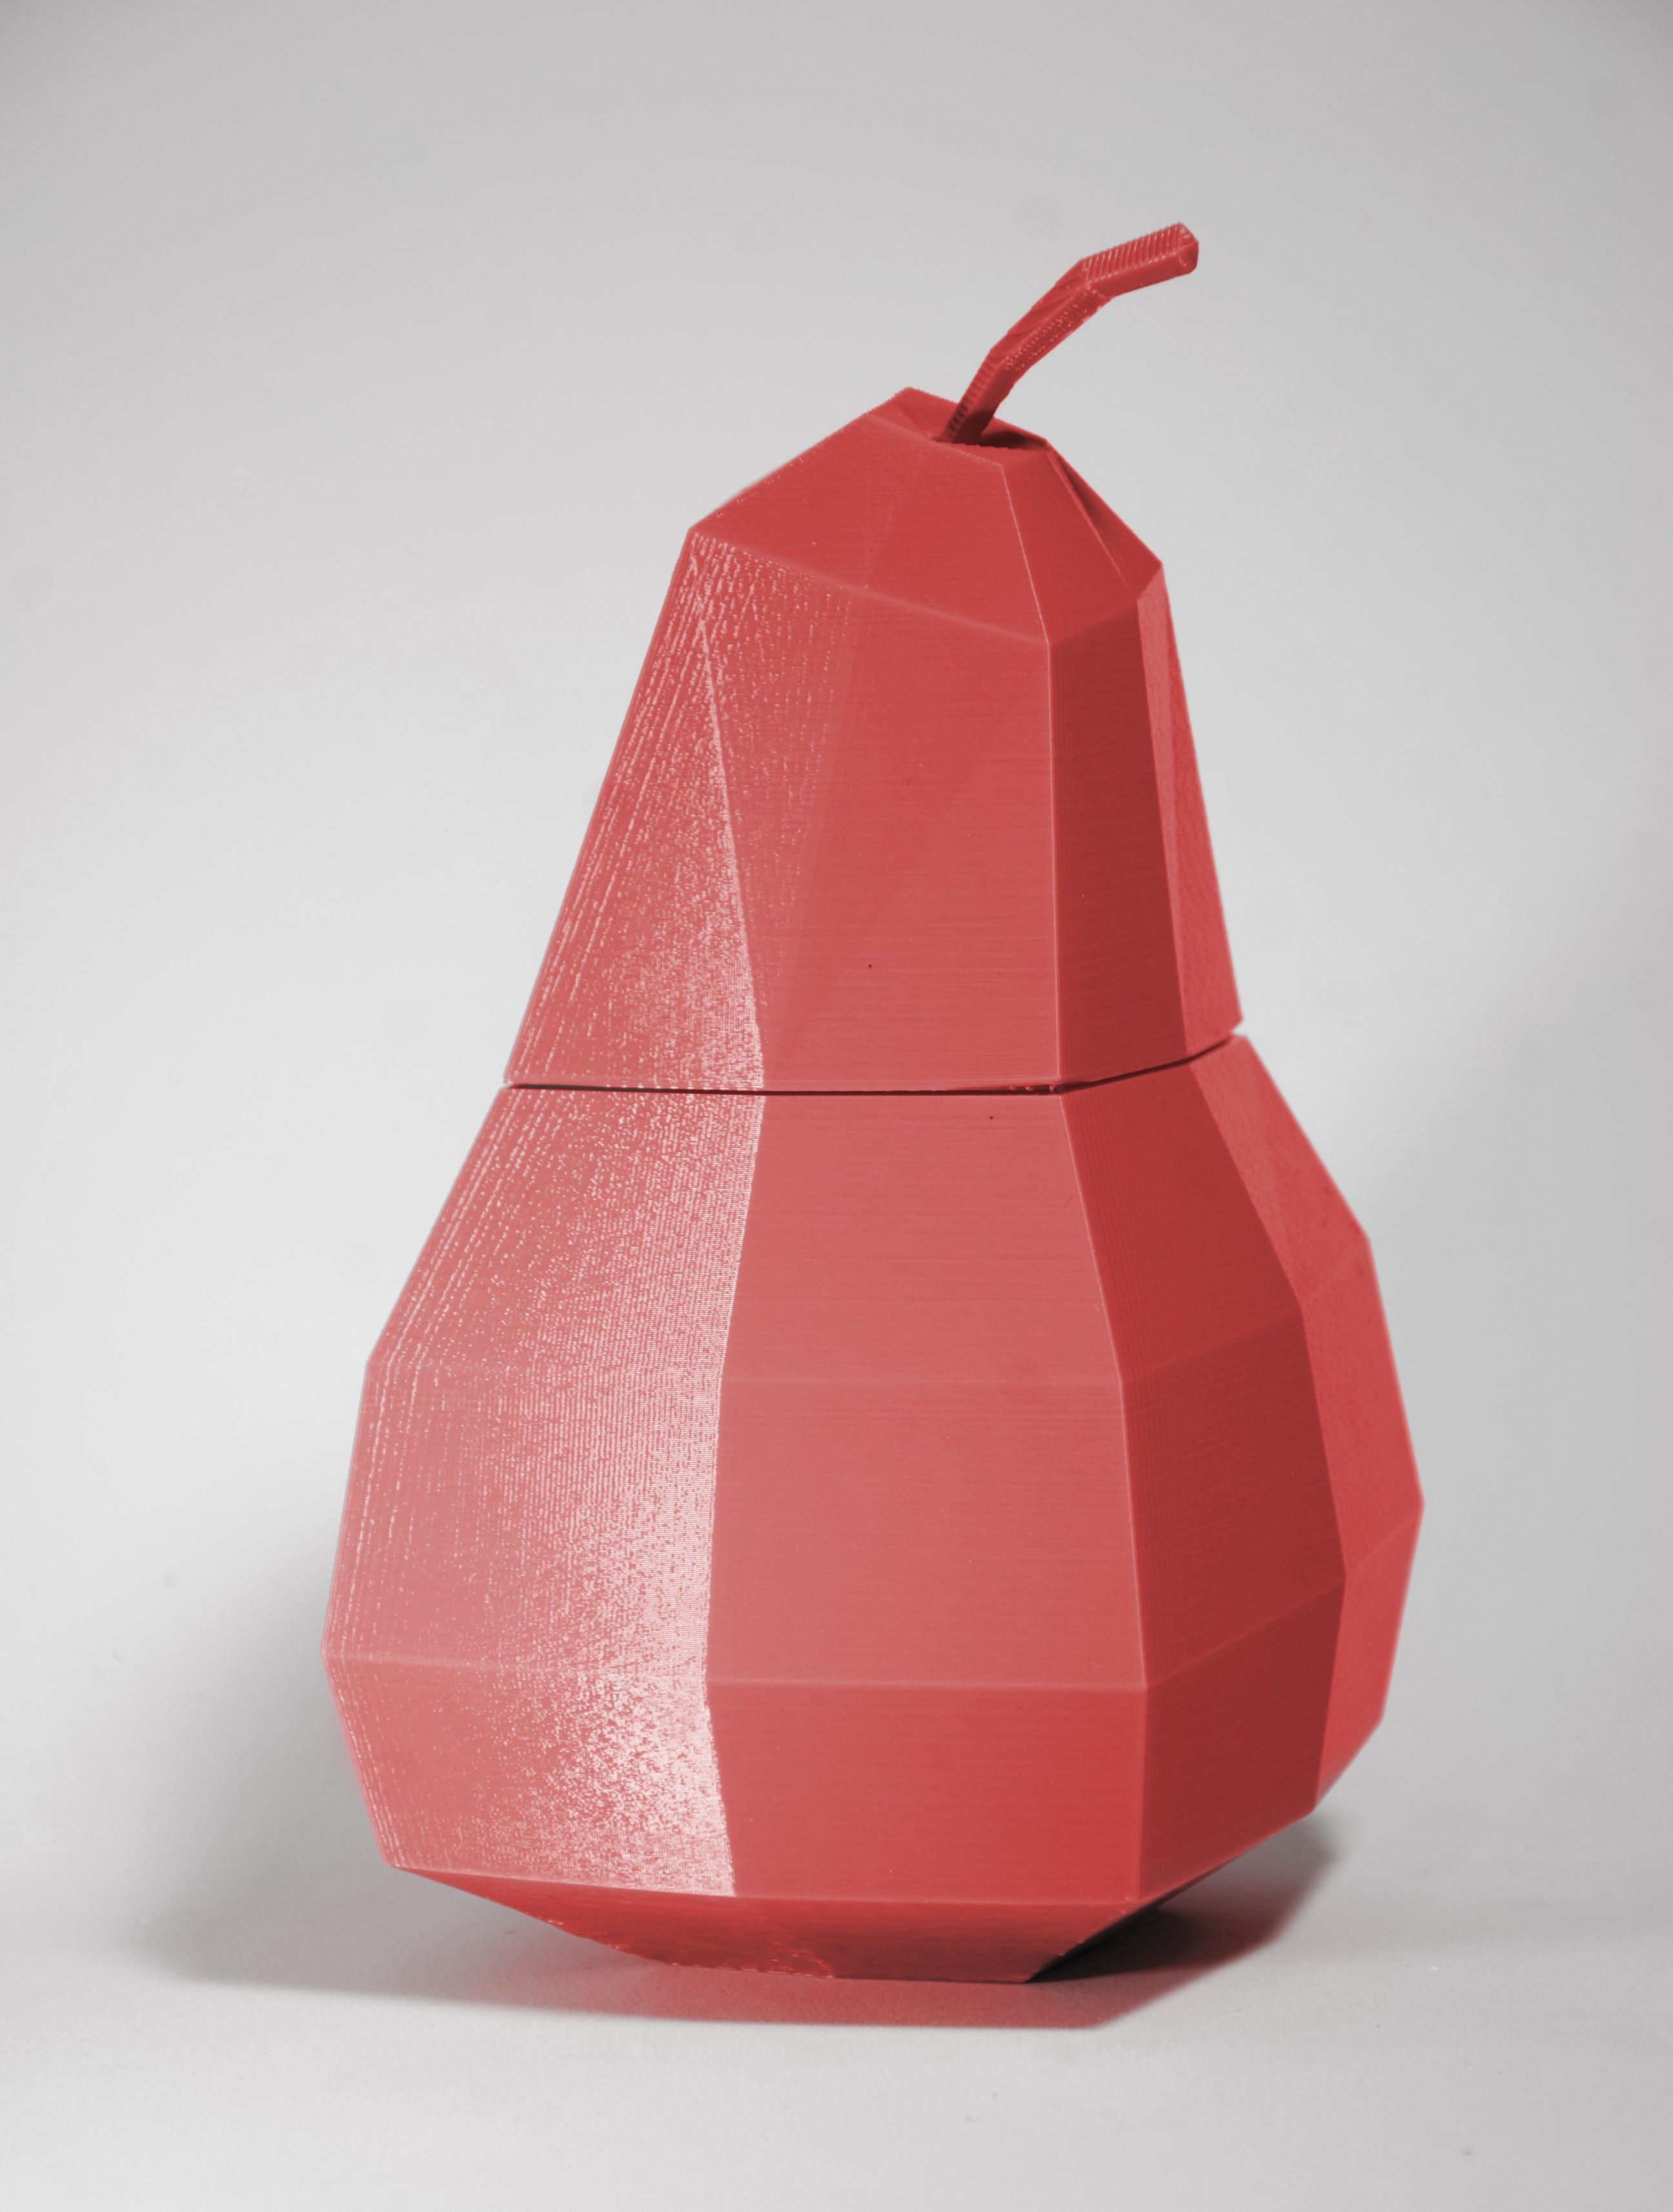 Grusha 2.jpg Download free STL file Pear Casket • 3D printing design, KuKu